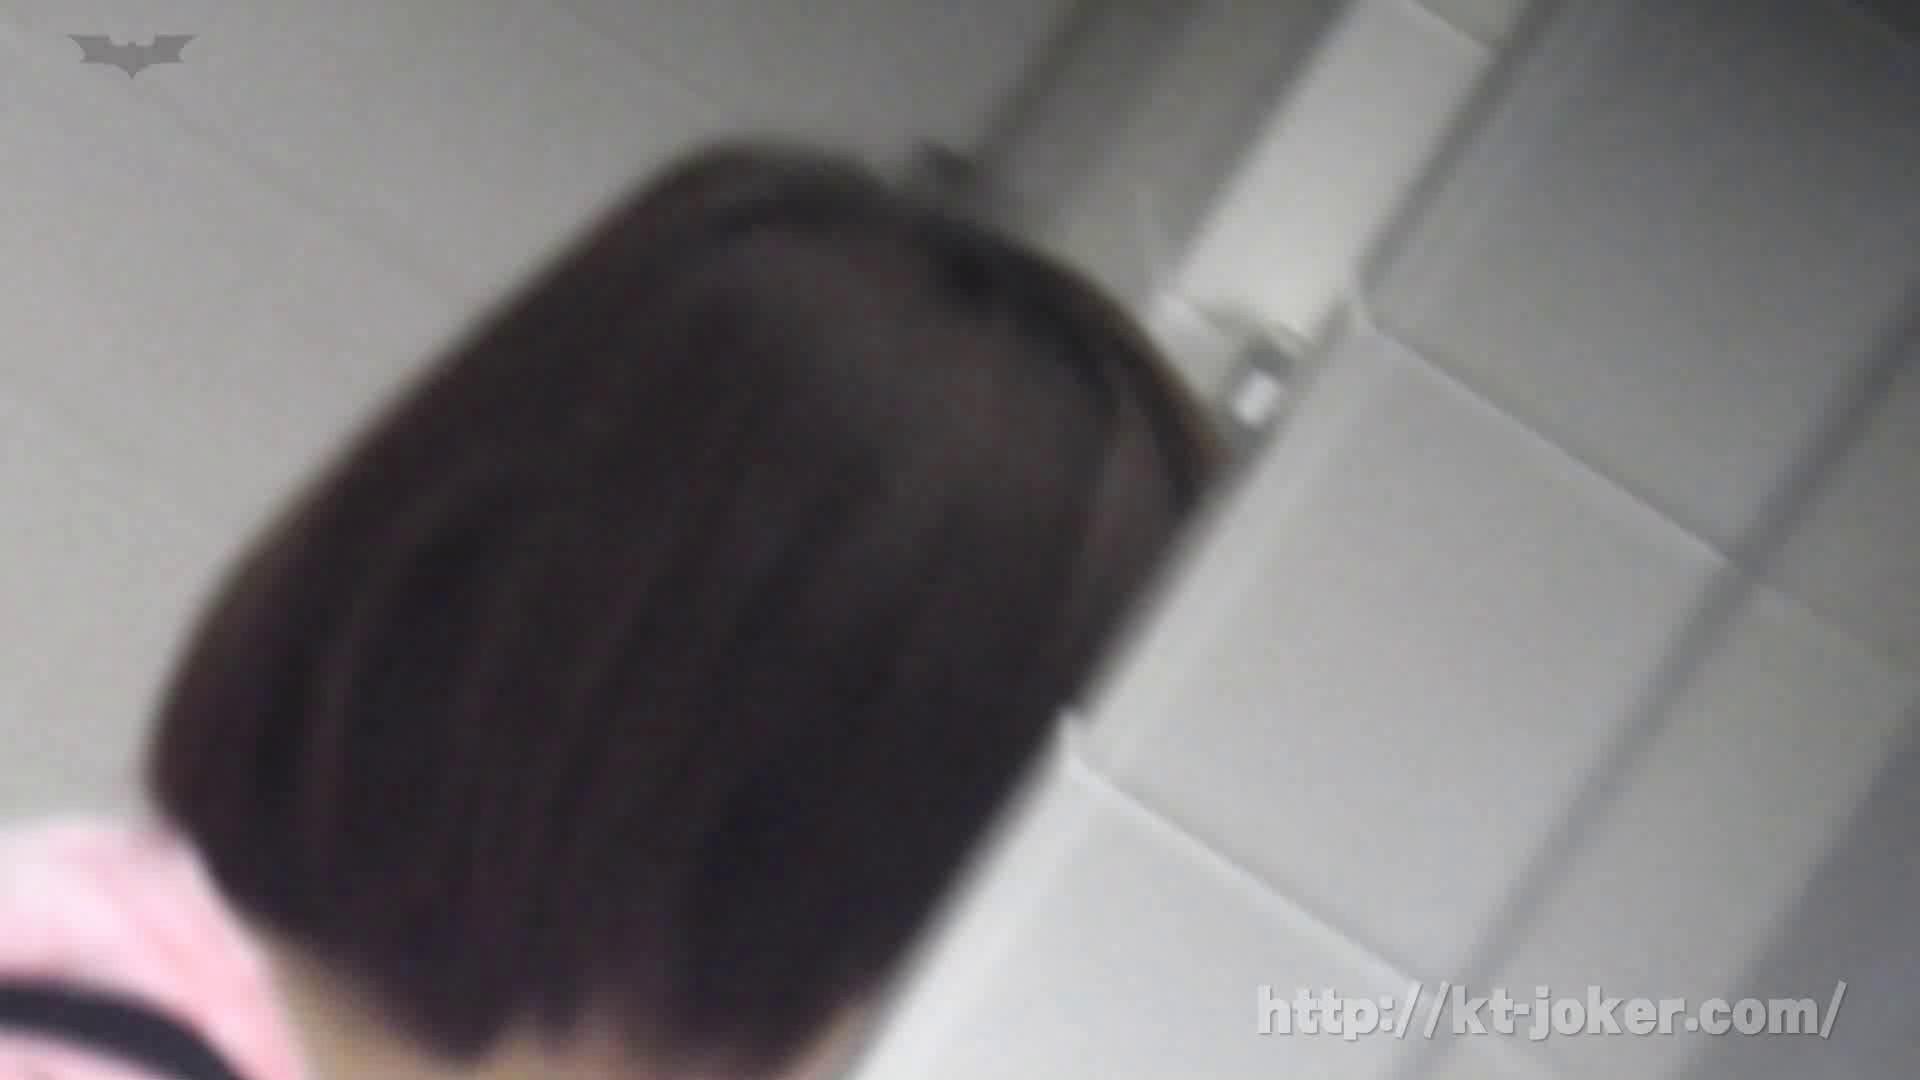 命がけ潜伏洗面所! vol.71 典型的な韓国人美女登場!! 美女ヌード | プライベート  82画像 81